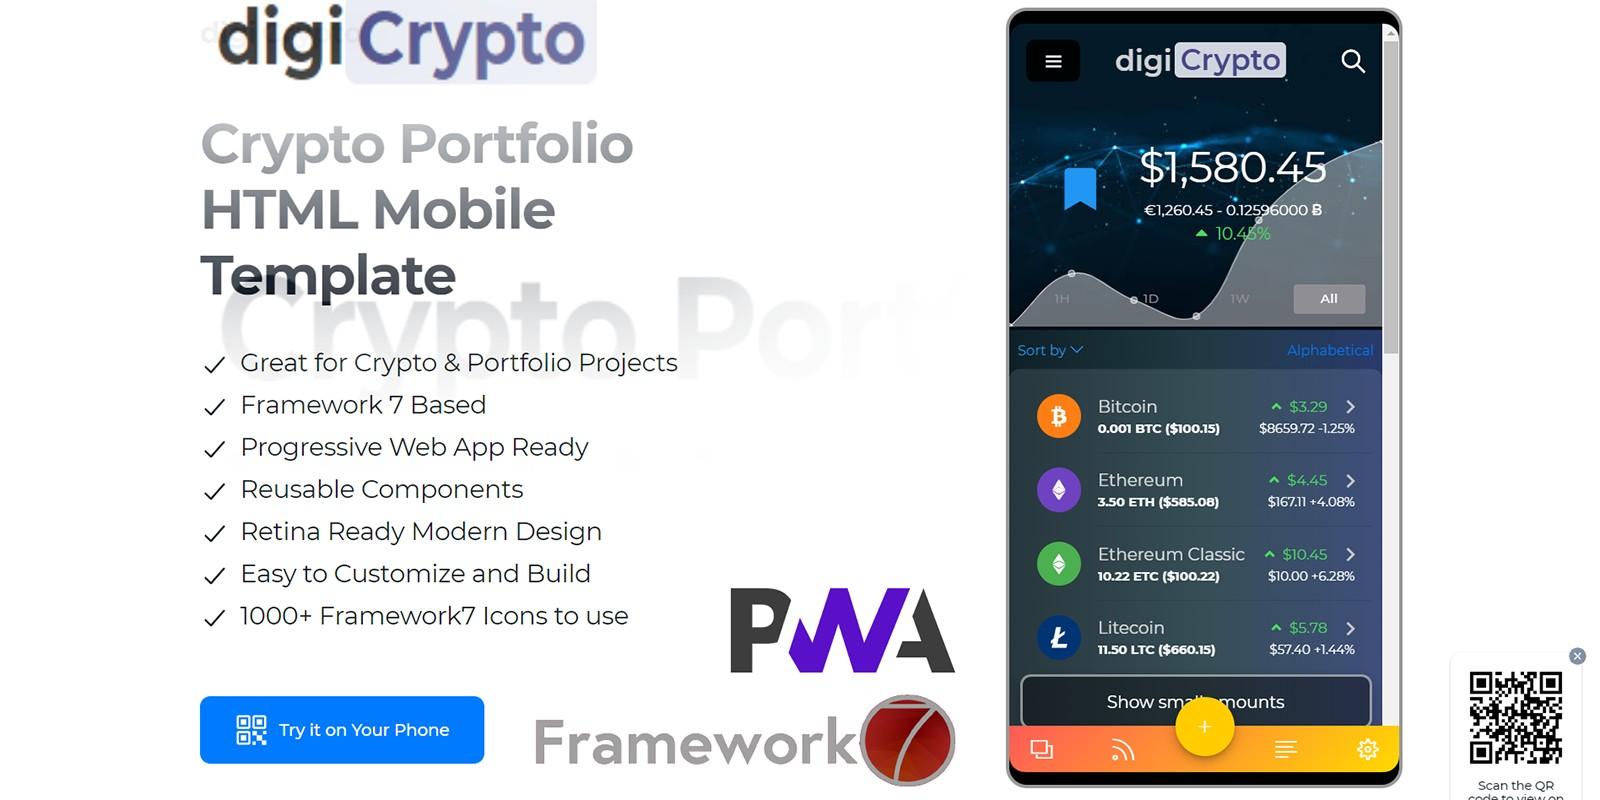 digiCrypto - Crypto Portfolio Mobile Template